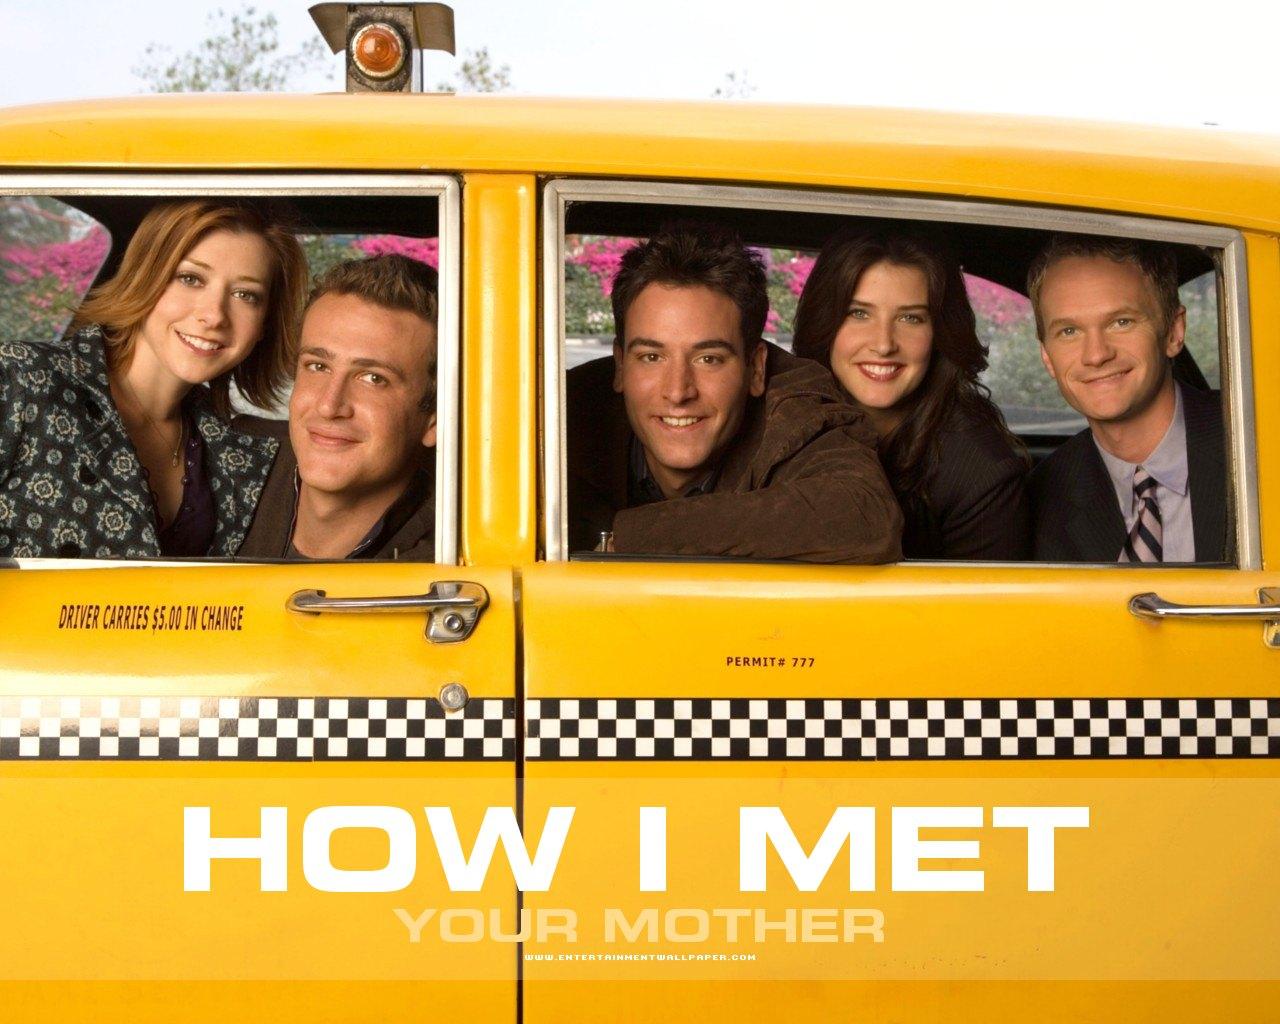 Descobrindo séries] How I Met Your Mother (2005-2014) - Tudo que ...